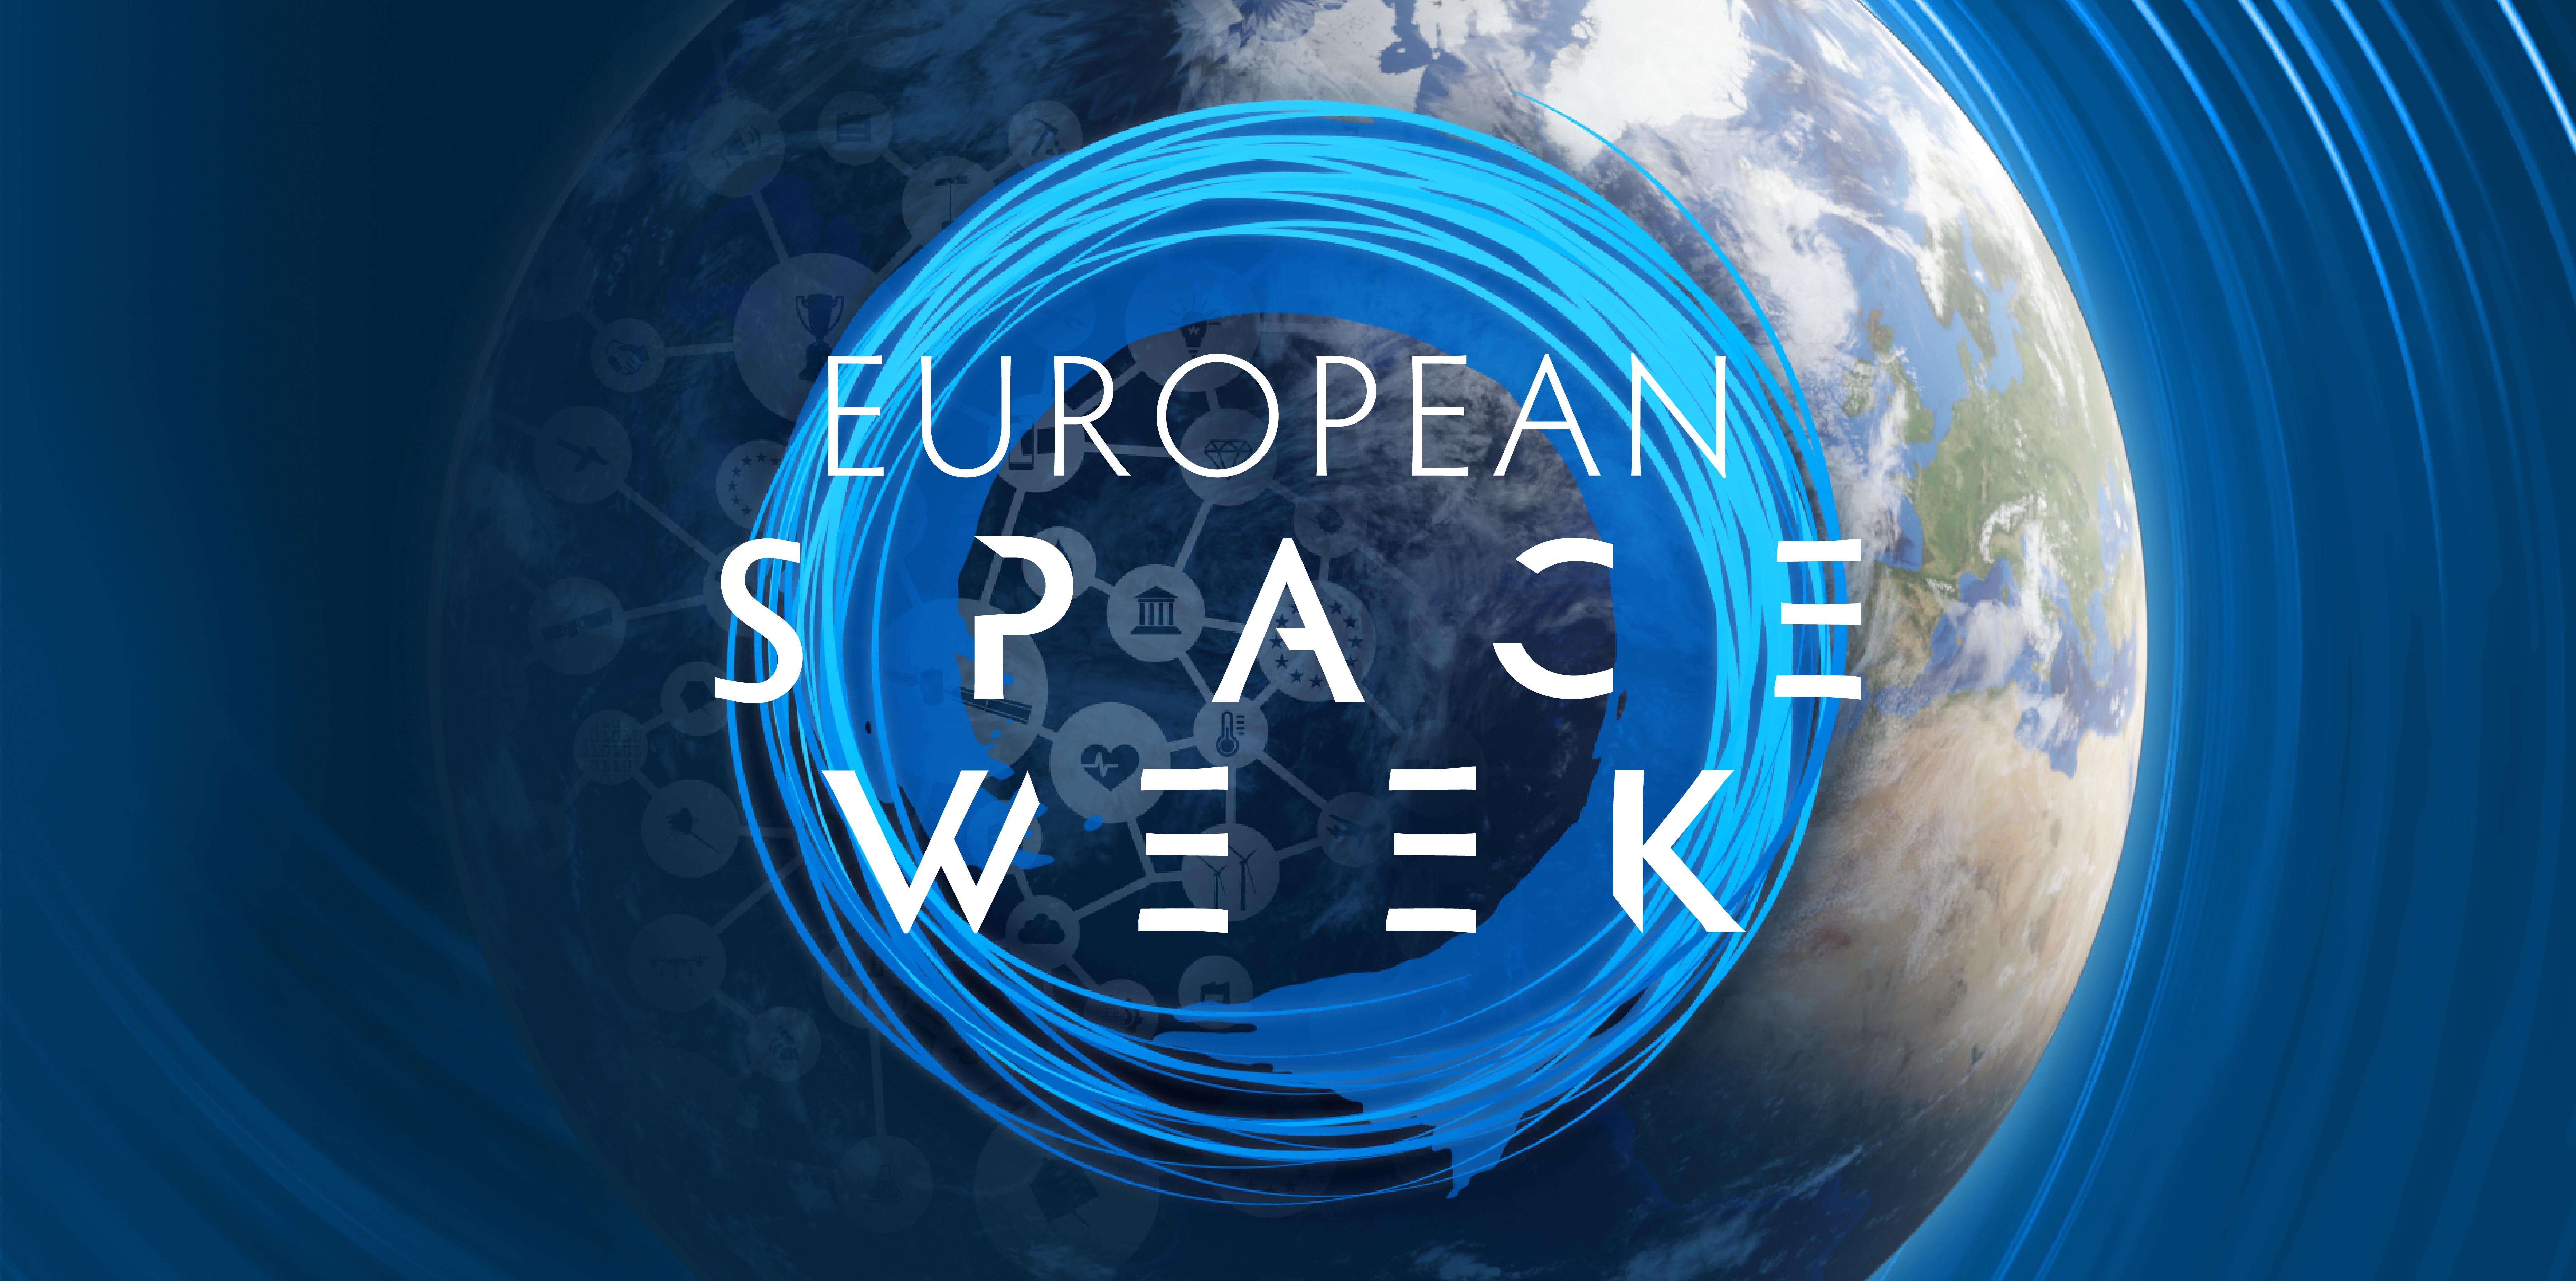 EU space week